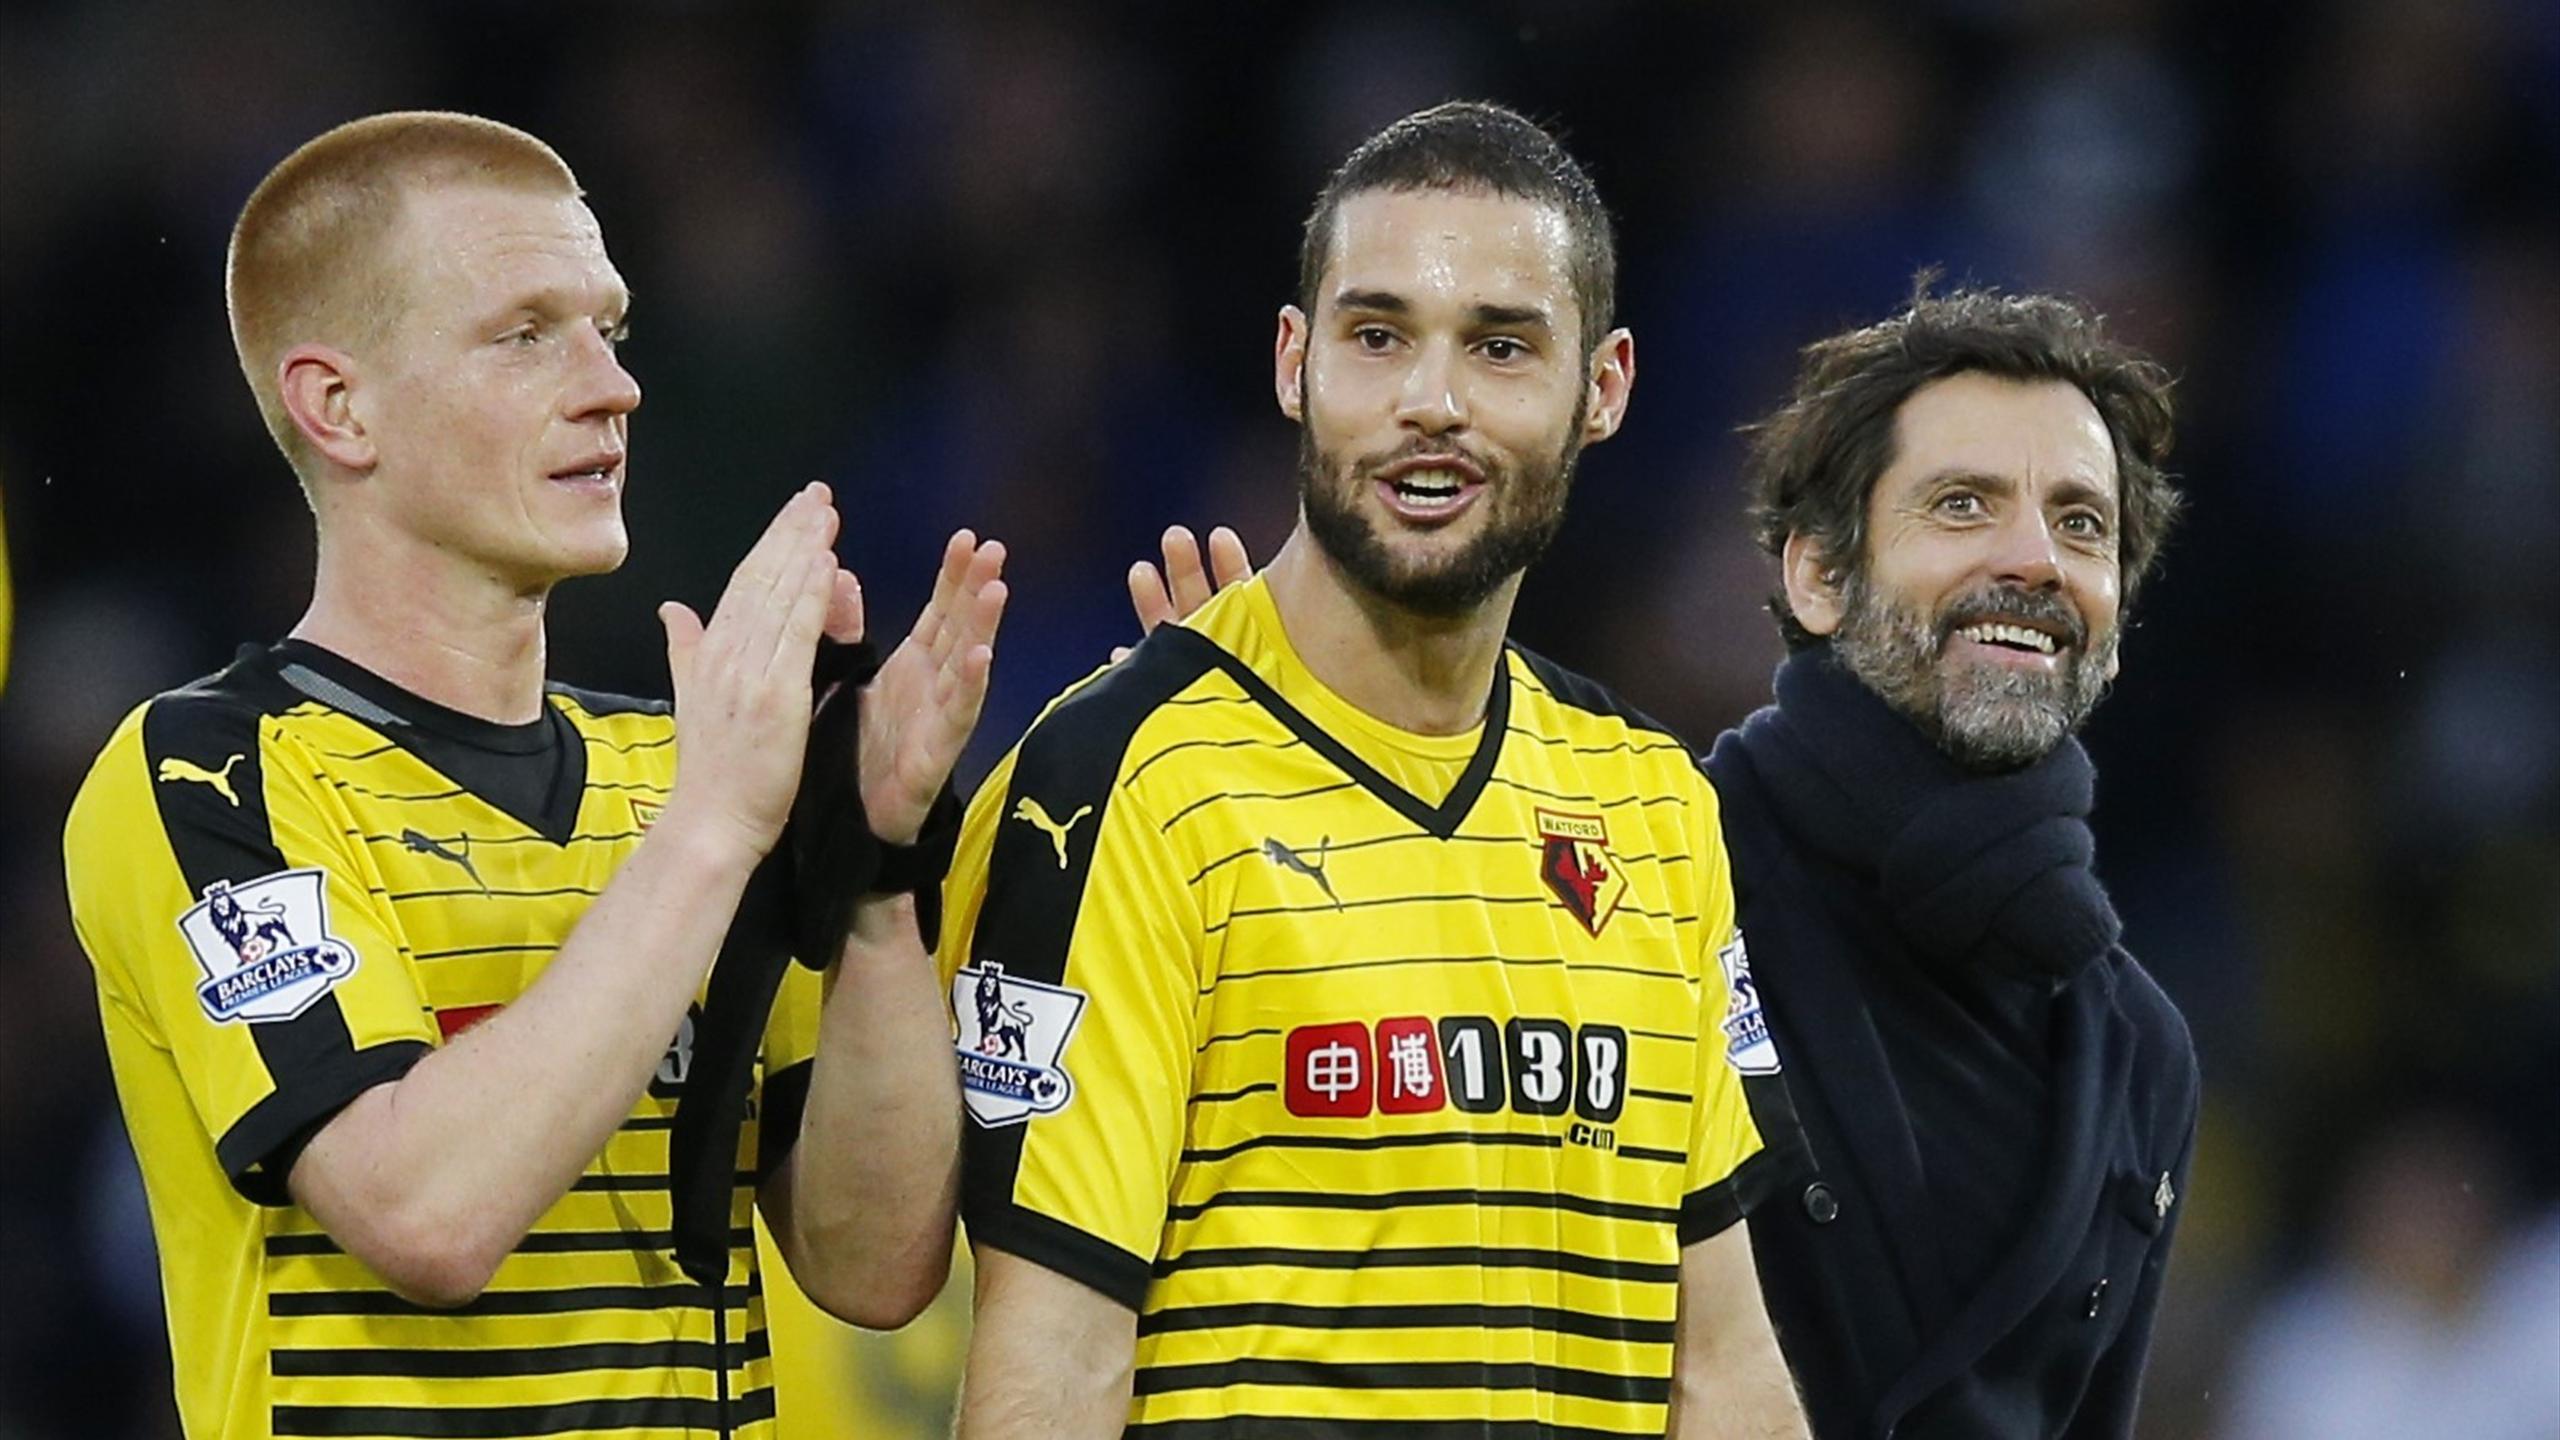 Watford's Ben Watson, Mario Suarez and manager Quique Sanchez Flores celebrate after the game